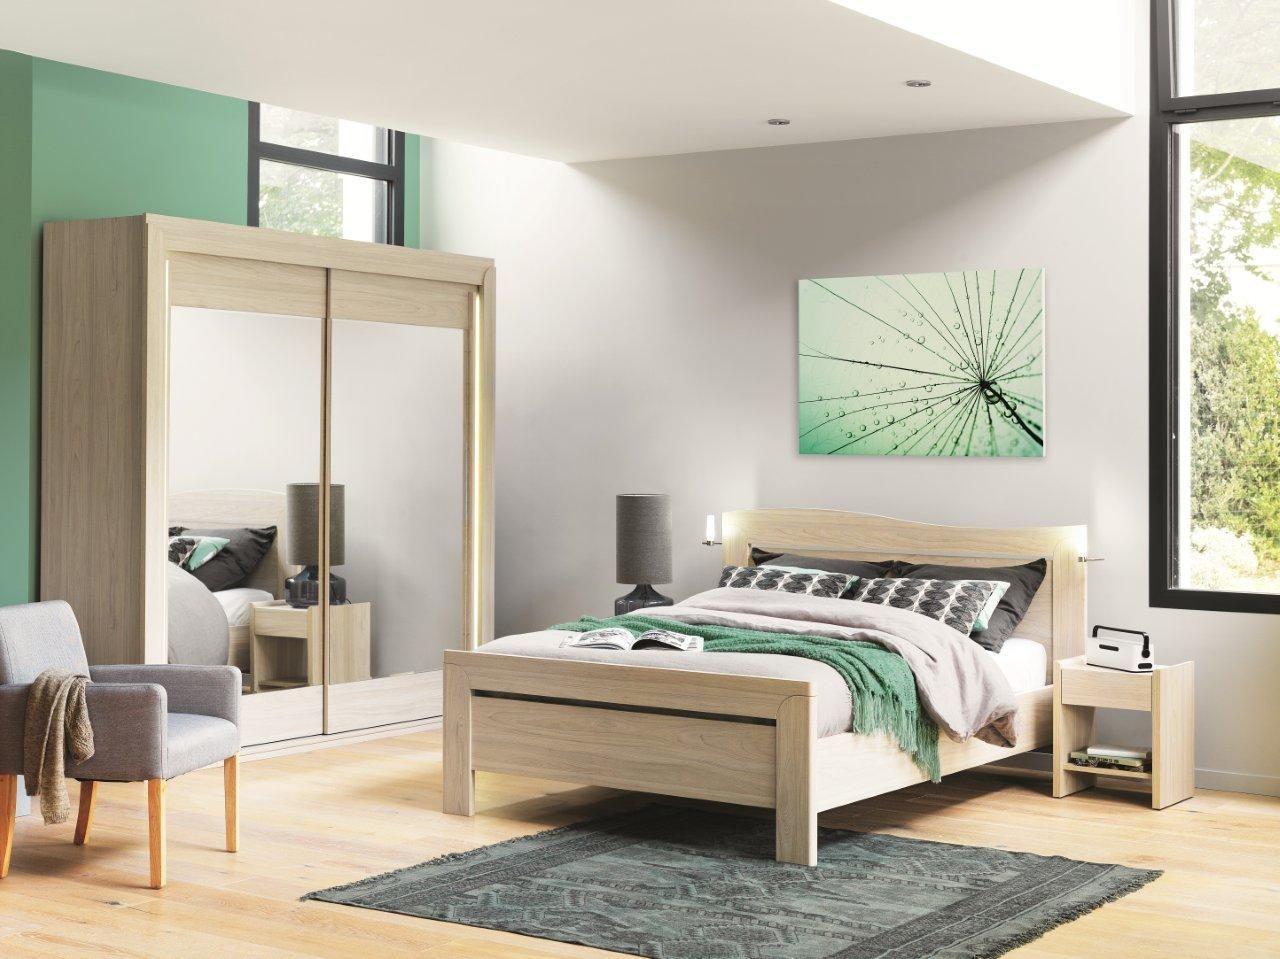 Chambre Complete Cosy Meubles Celio Mobilier De Salon Meuble Lit Meuble